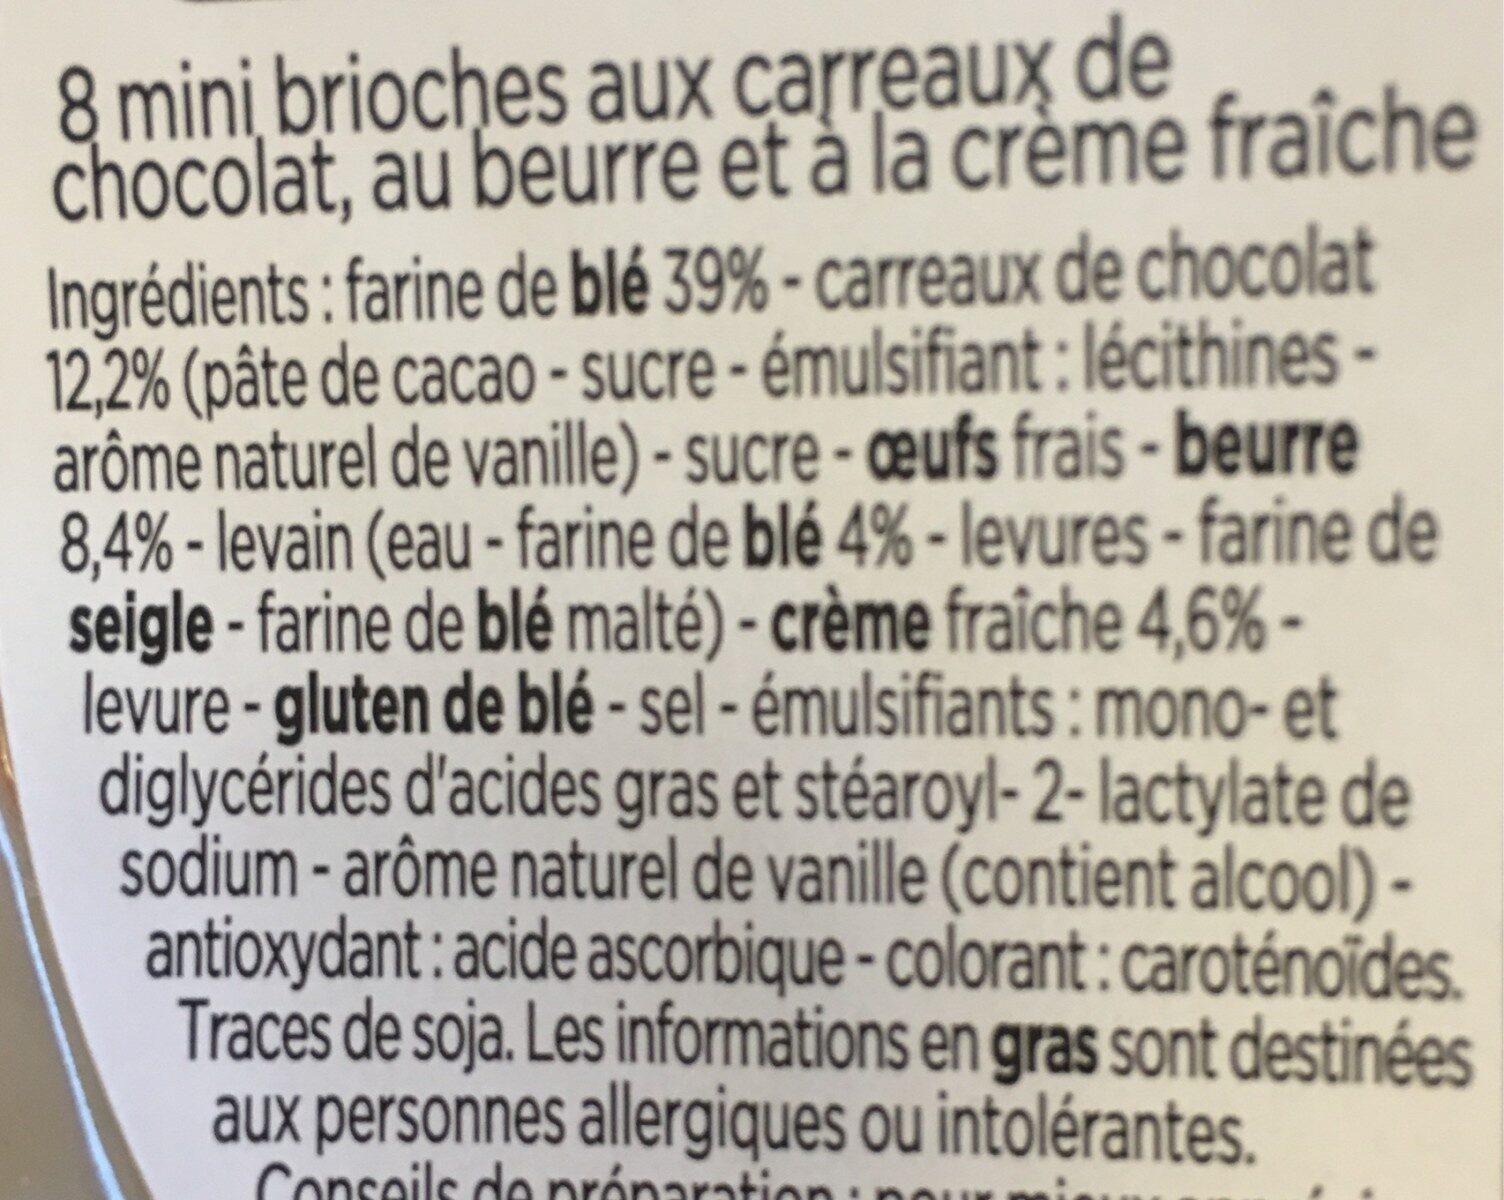 Mini gâches aux carreaux de chocolat - Ingredienti - fr